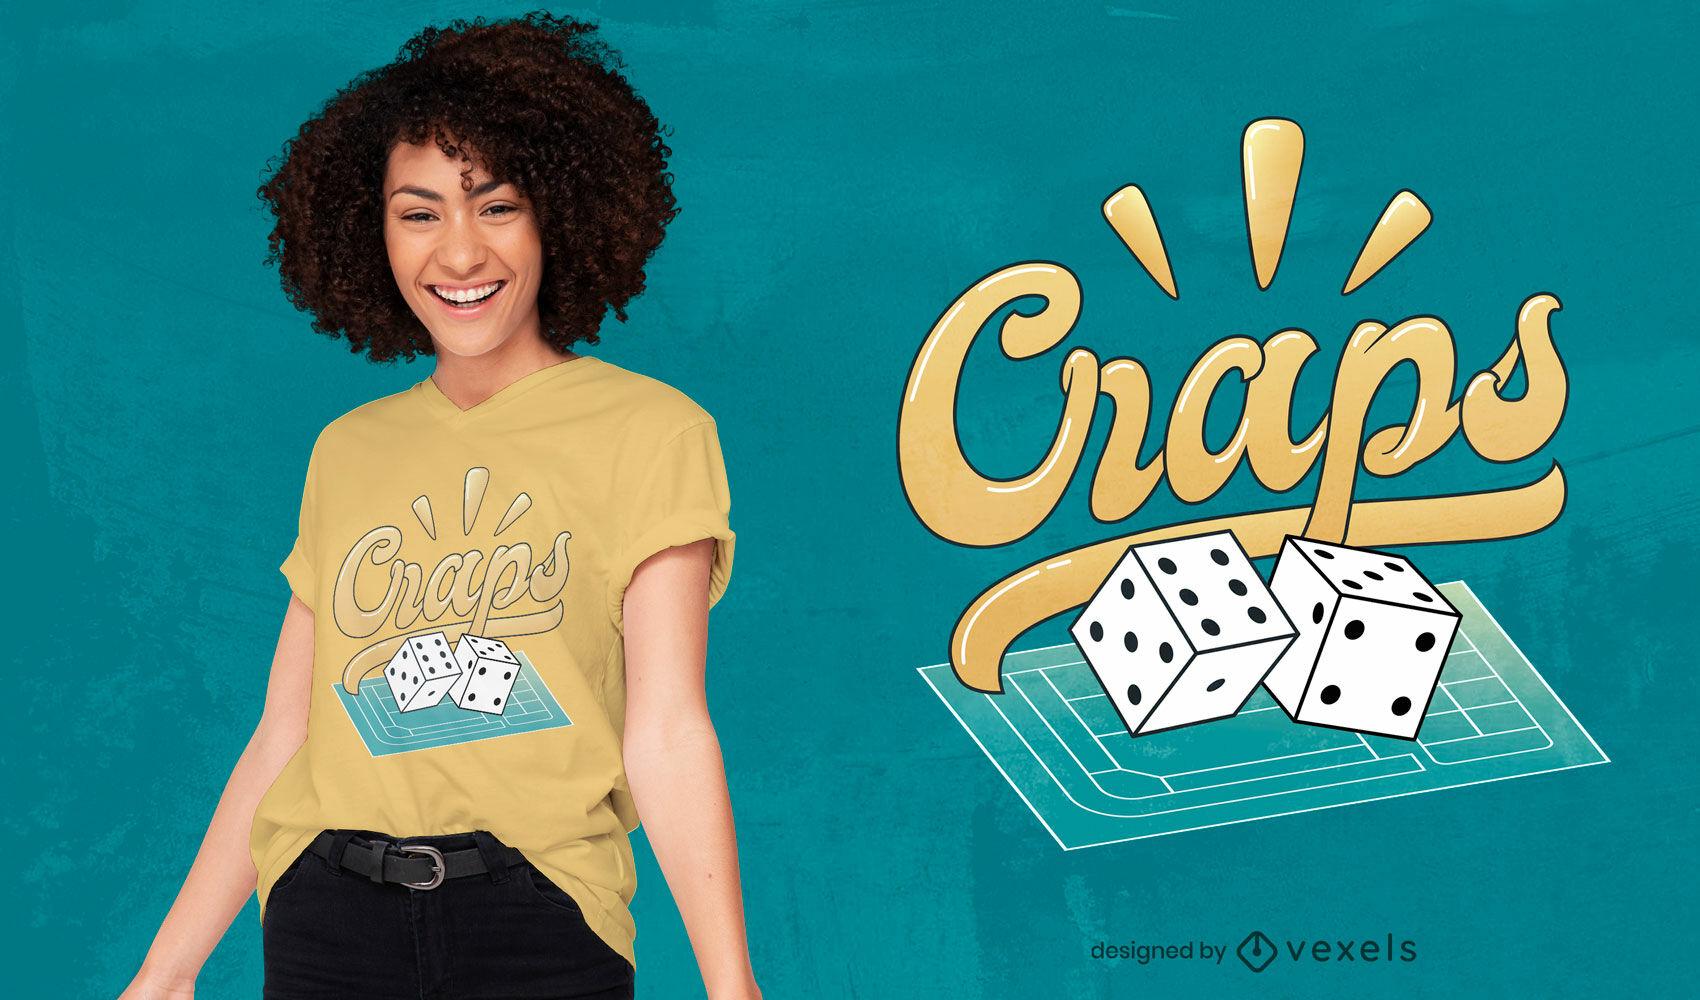 Craps game t-shirt design